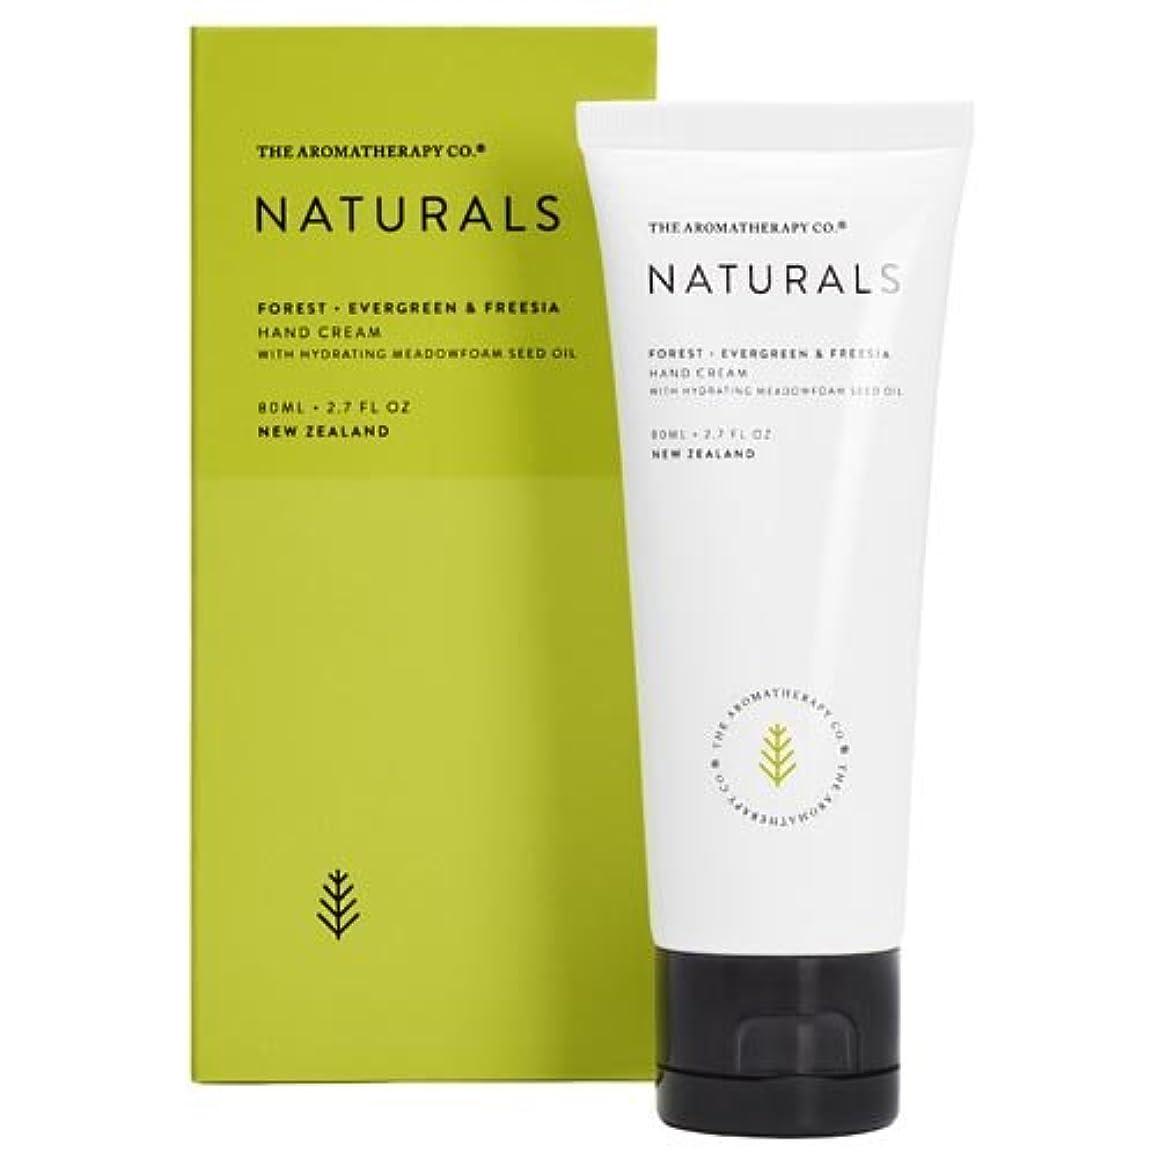 歩行者納税者するnew NATURALS ナチュラルズ Hand Cream ハンドクリーム Forest フォレスト(森林)Evergreen & Freesia エバーグリーン&フリージア